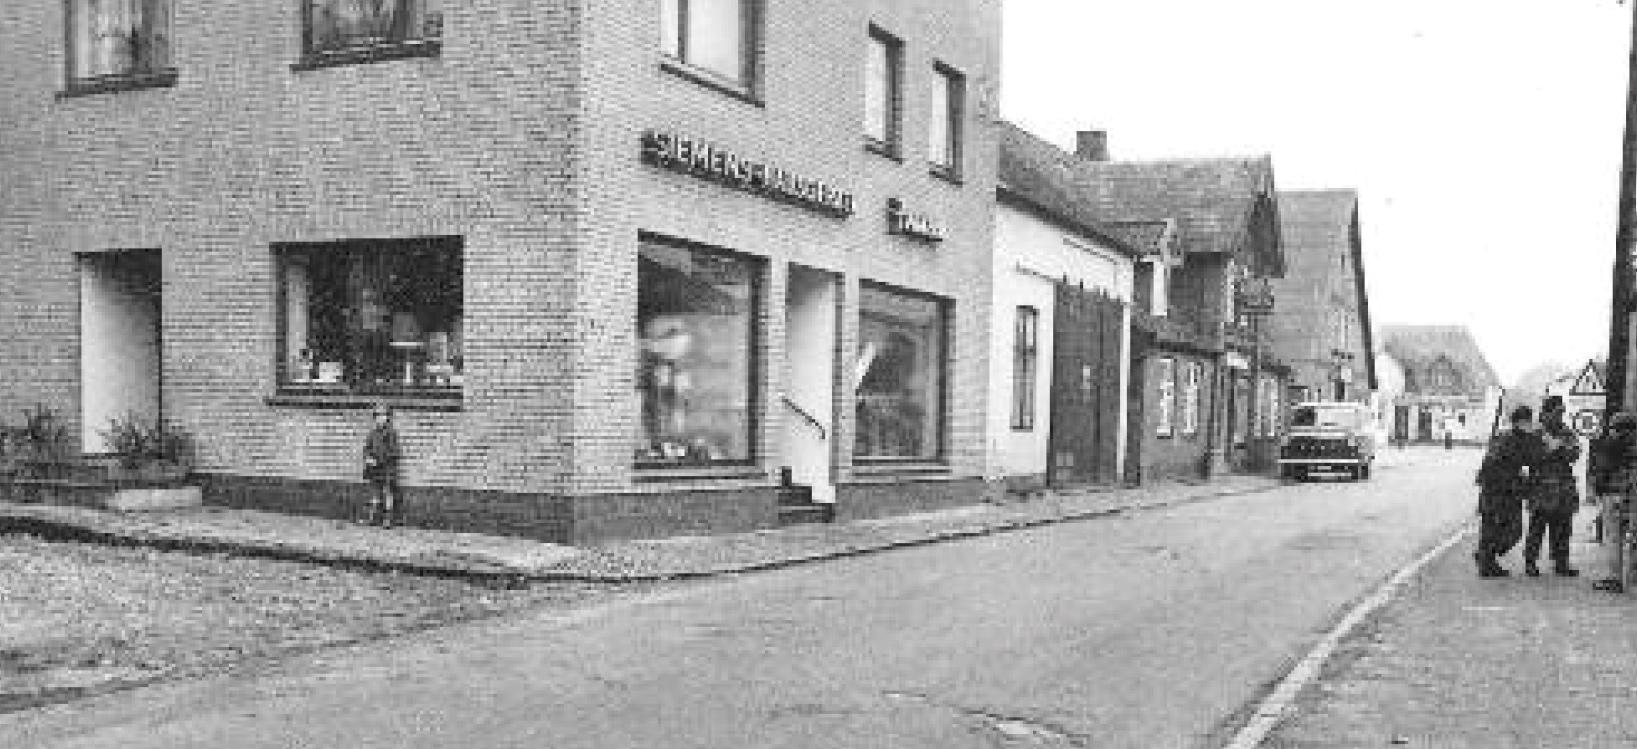 dorf_bilder/Chronik-Hennstedt-262-2.jpg